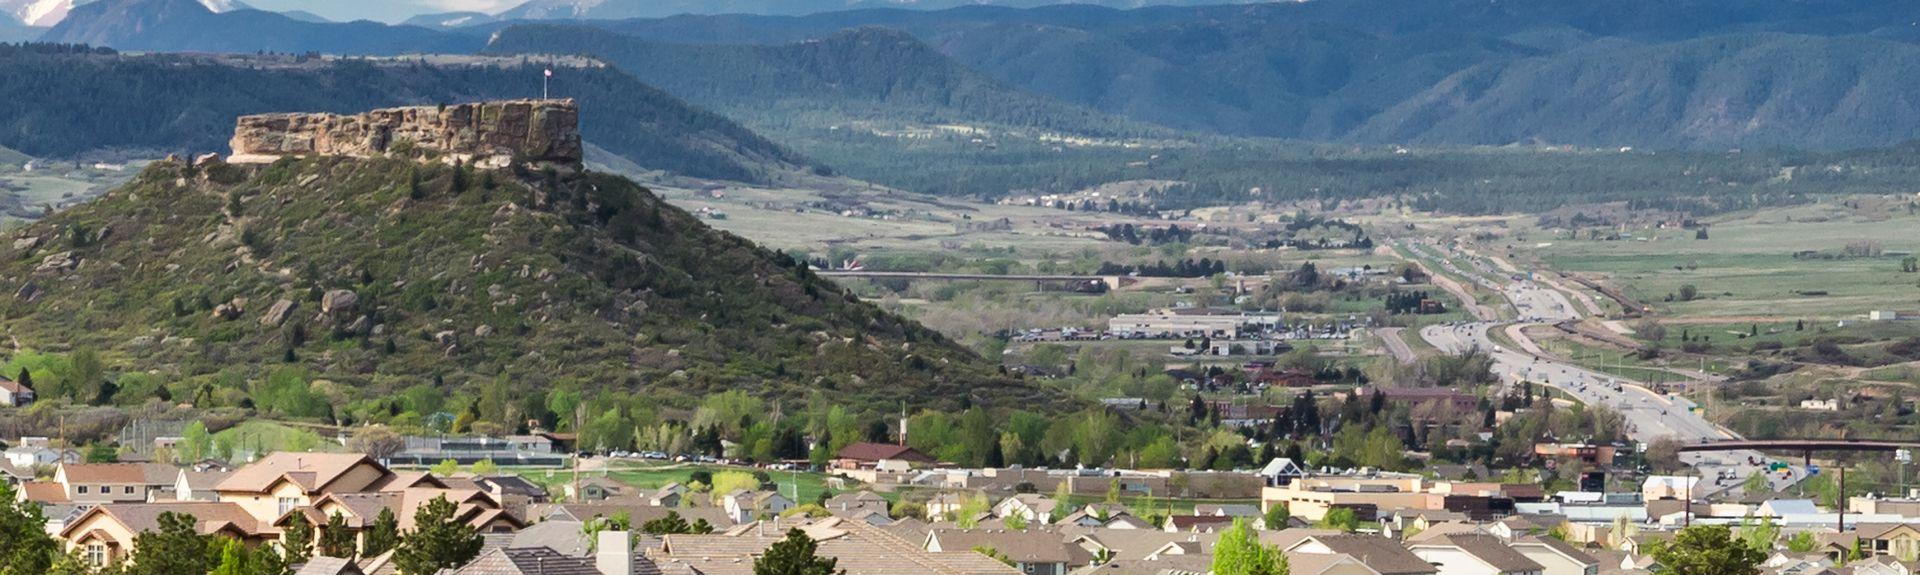 Castle Rock, Colorado, Estados Unidos